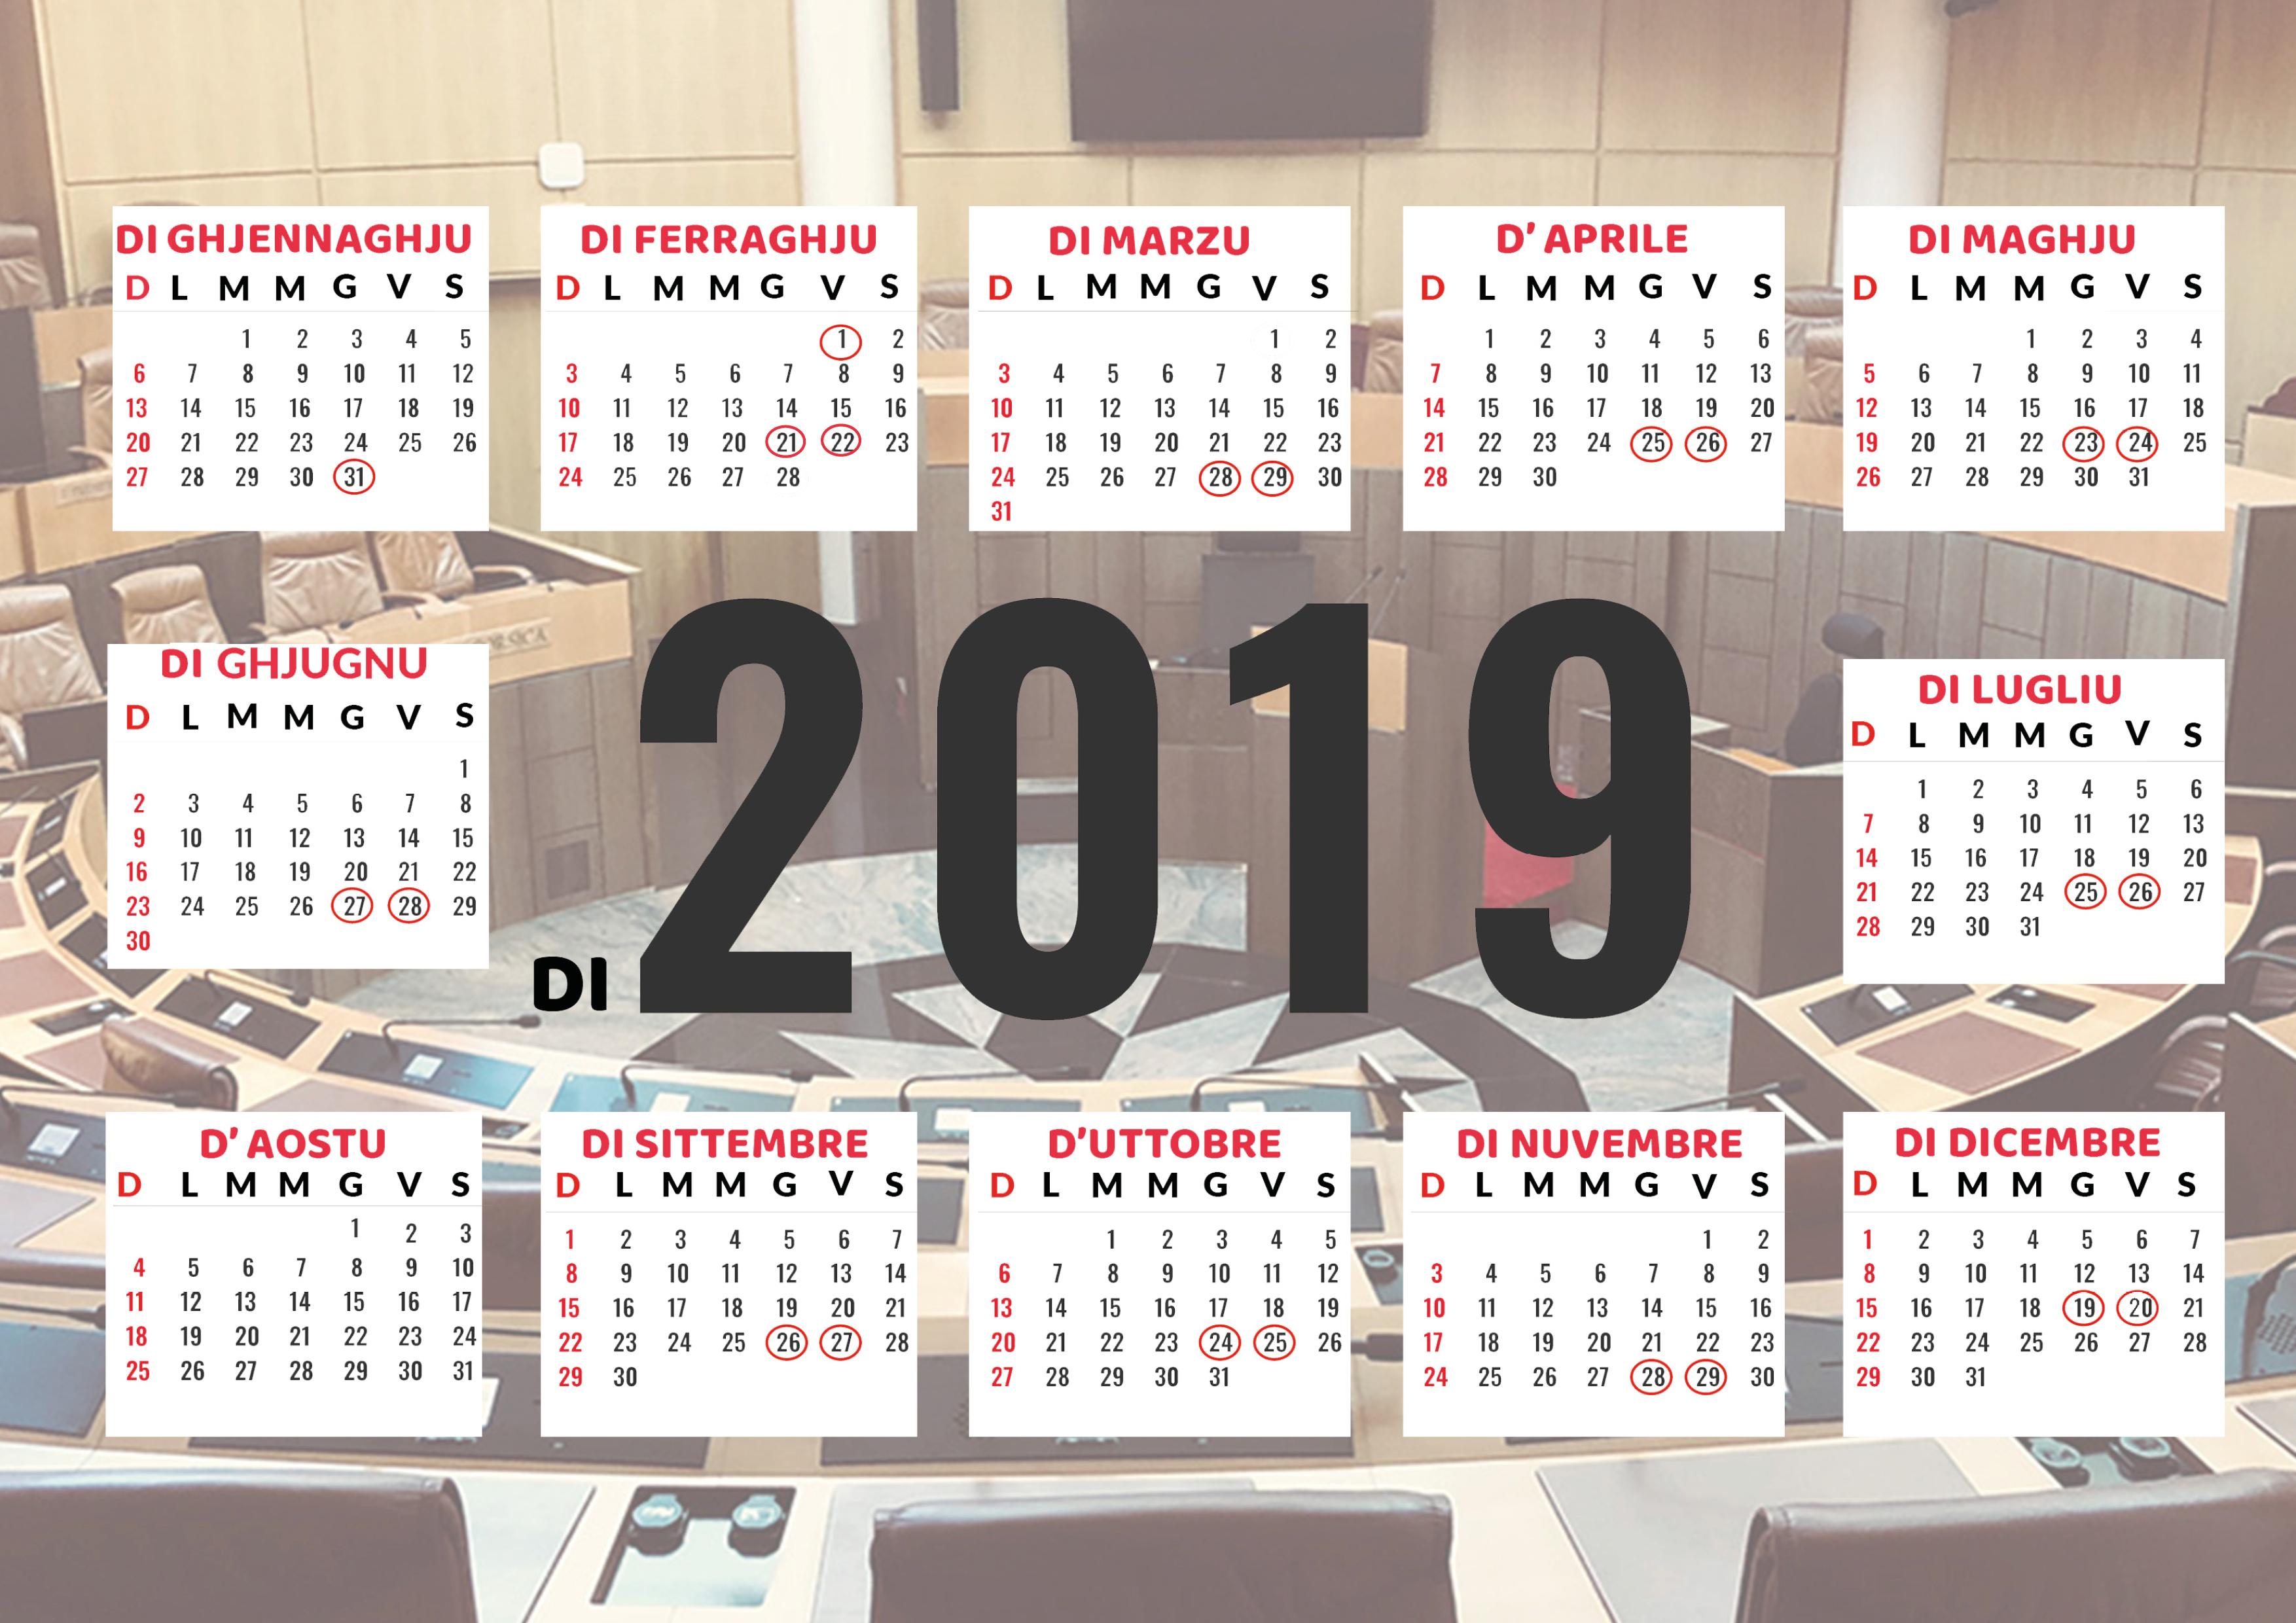 Calendrier prévisionnel des séances publiques de l'Assemblée de Corse - 2019